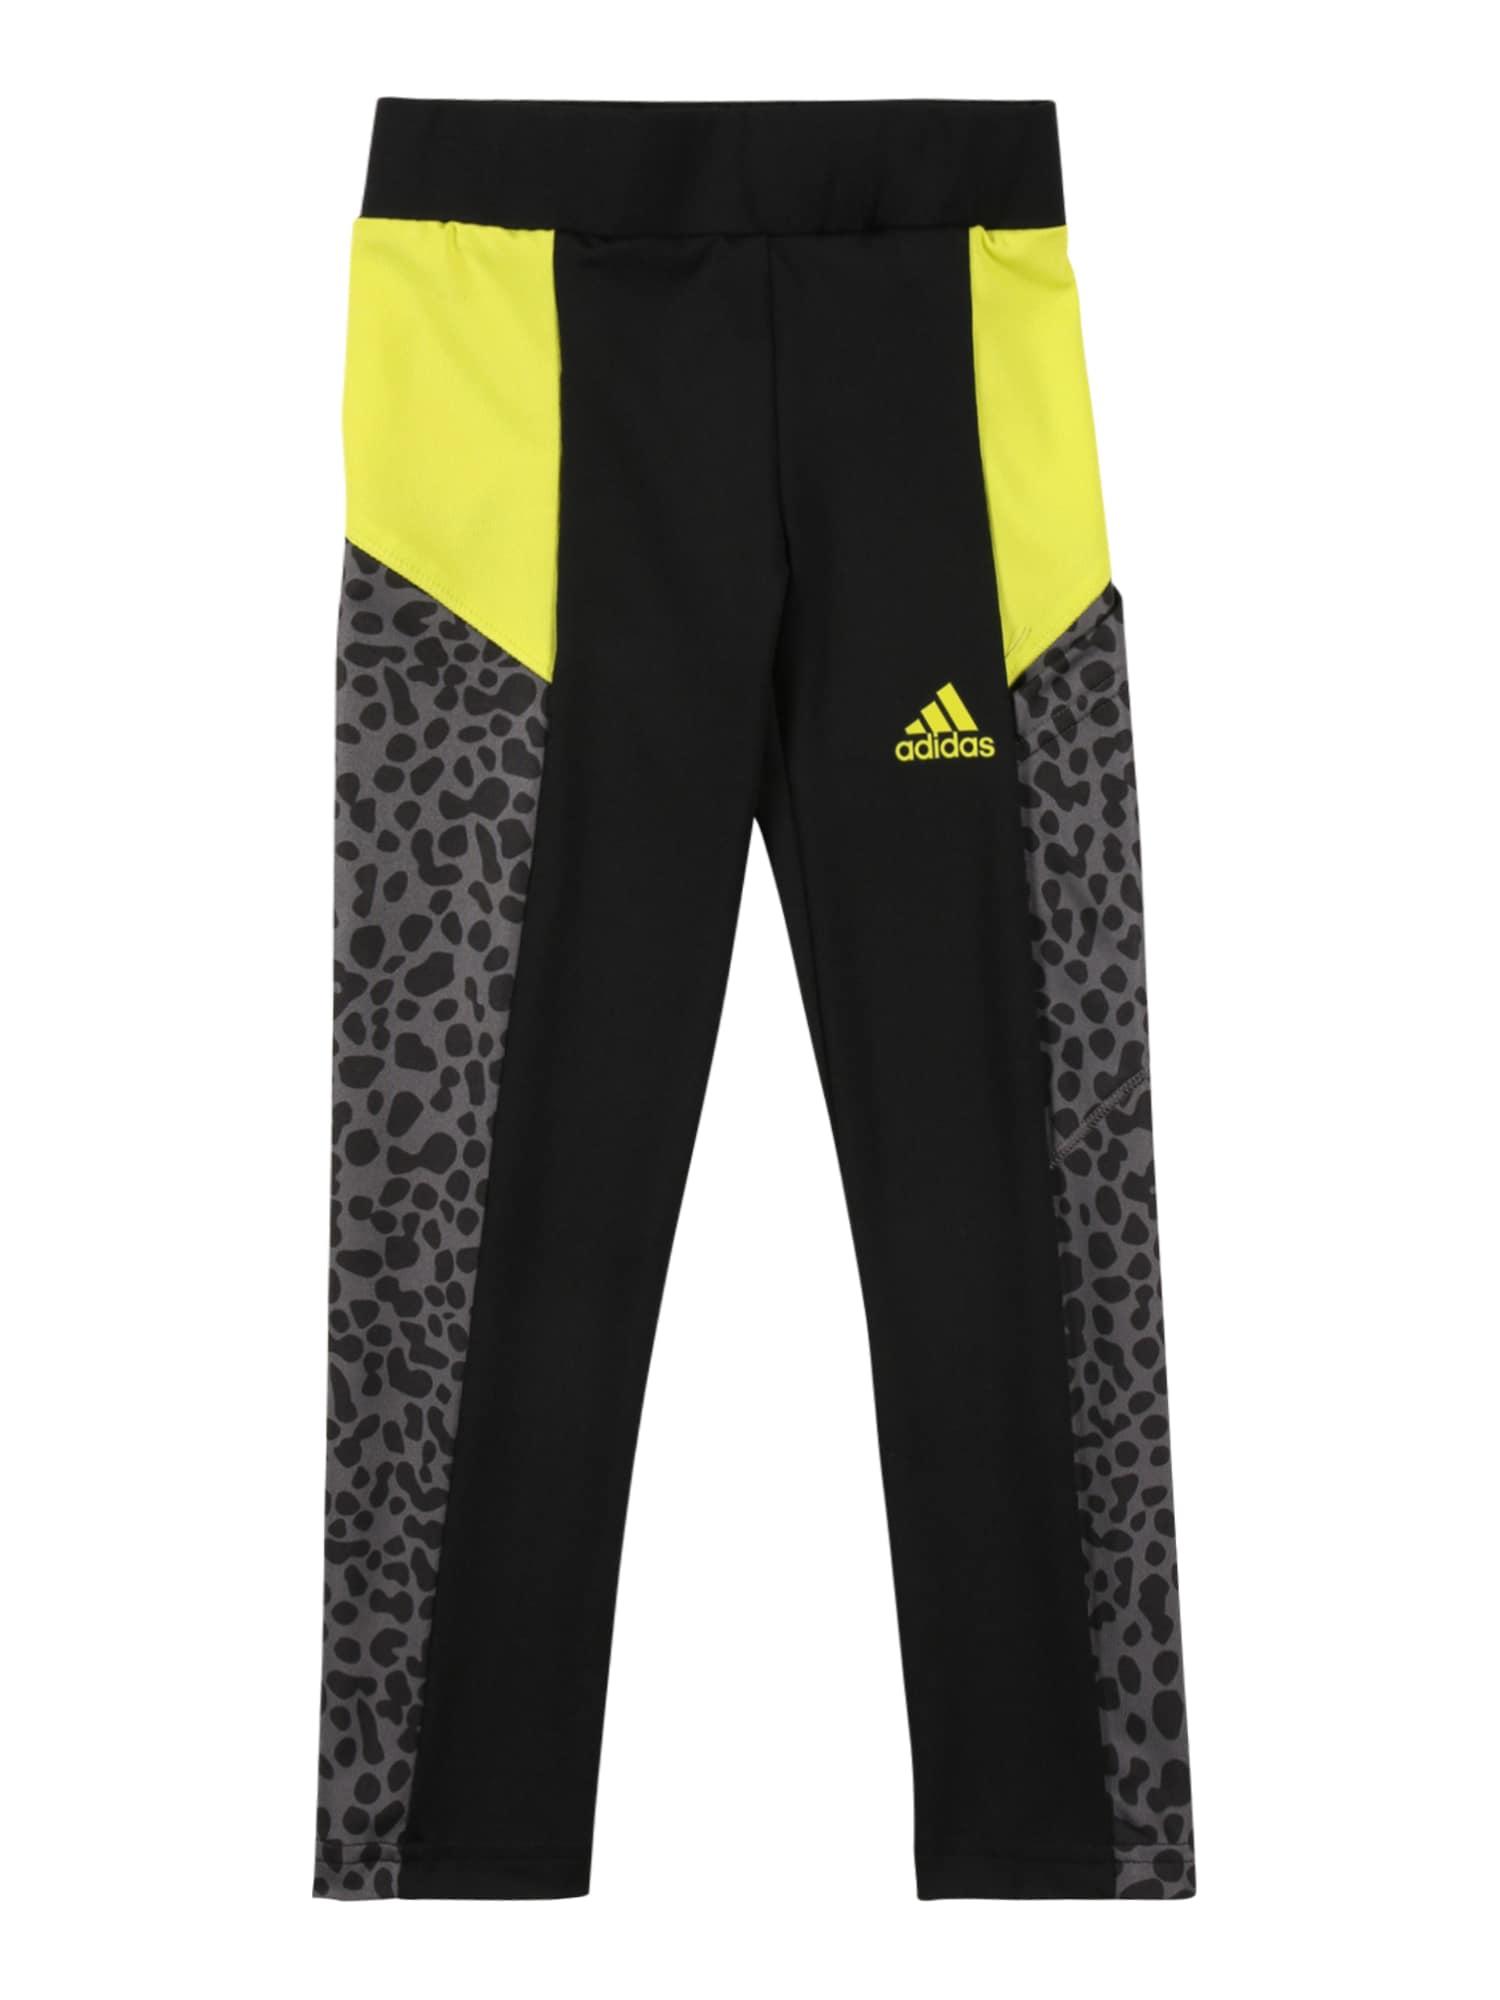 ADIDAS PERFORMANCE Sportinės kelnės juoda / neoninė geltona / pilka